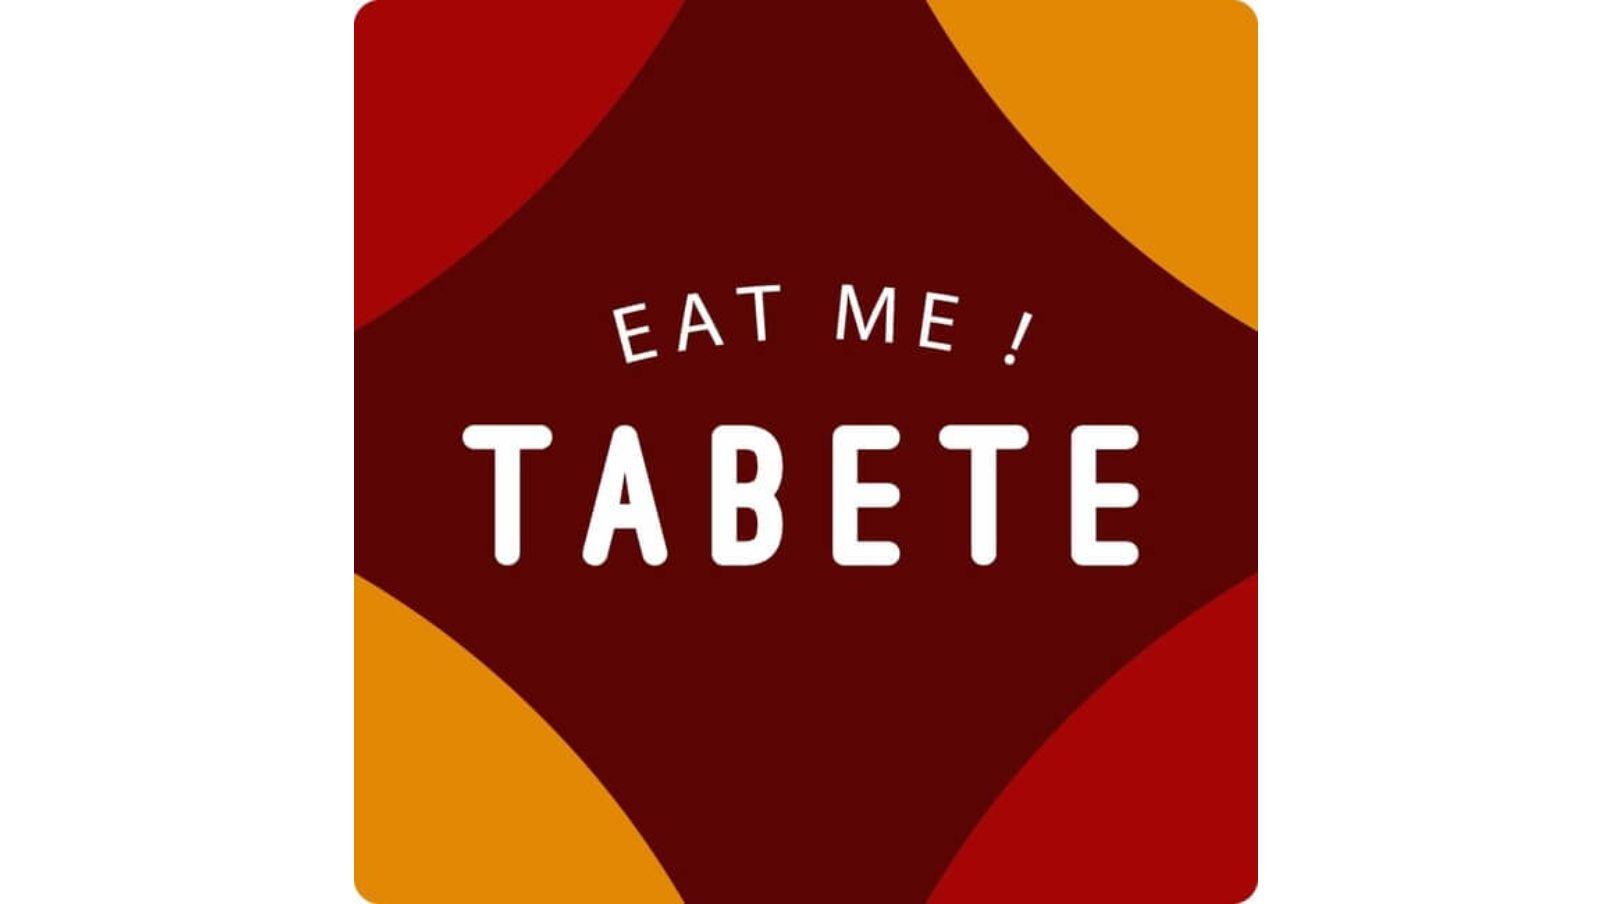 食品ロス削減でサステナブルな社会を実現 エクセルシオール カフェ50店舗にて「TABETE(タベテ)」本格導入